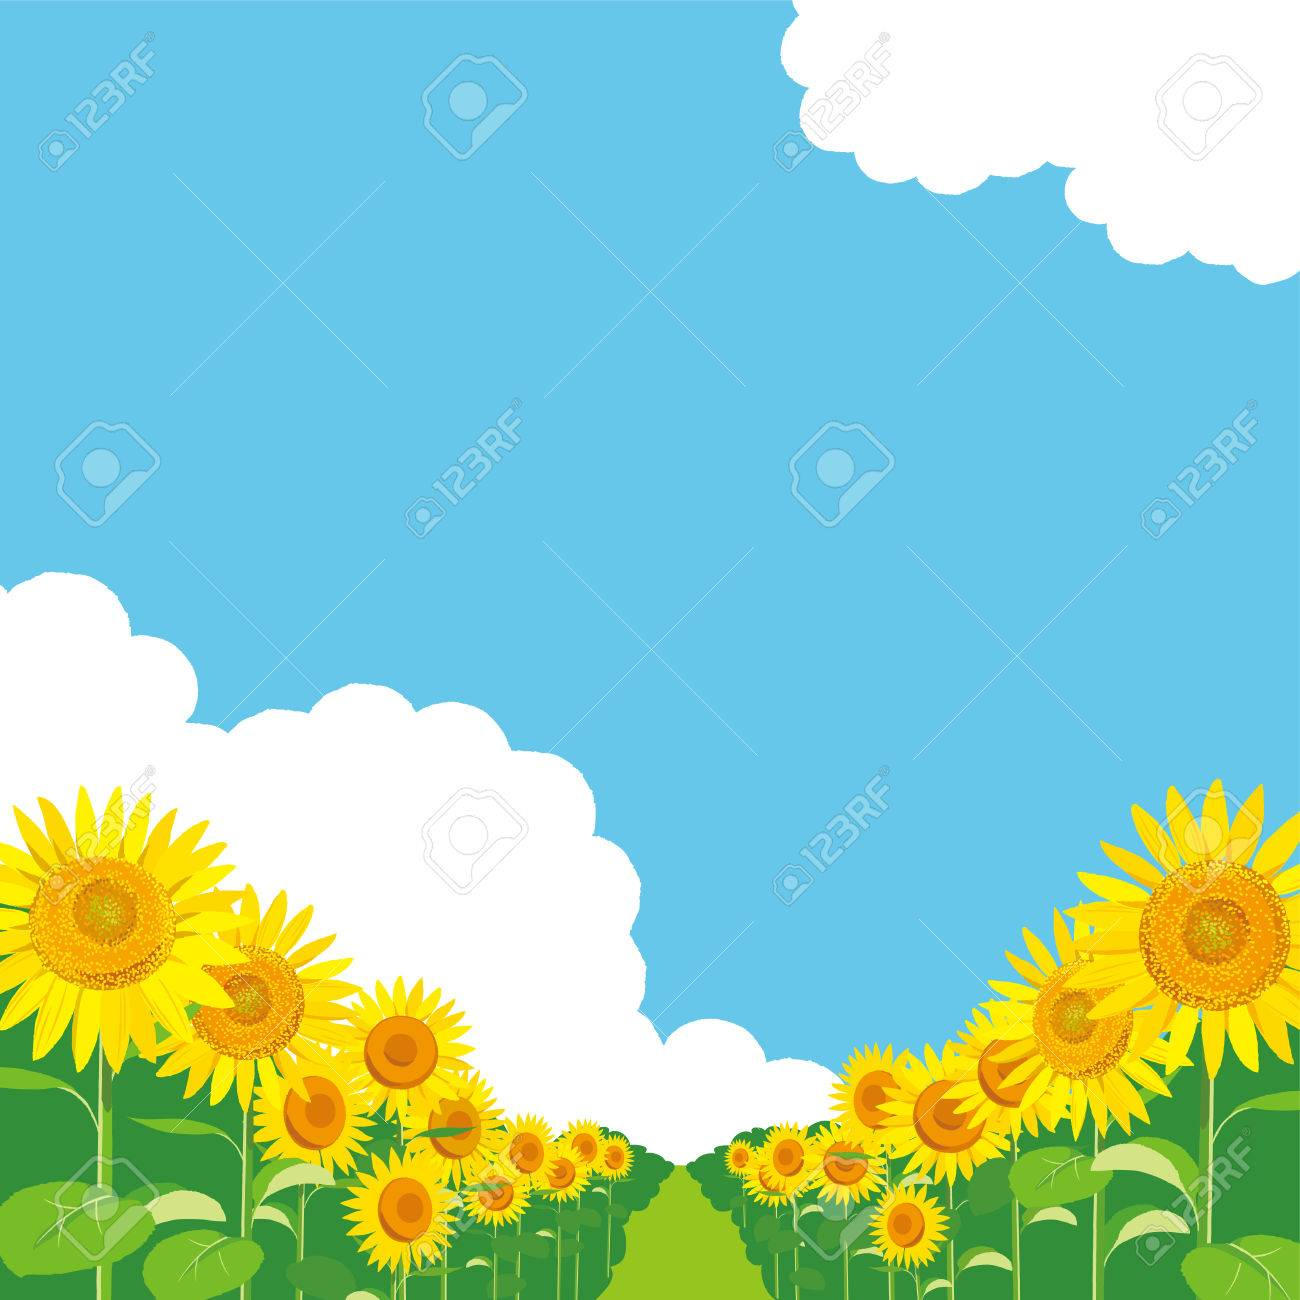 ベクトル イラスト 壁紙と背景ひまわりの庭と空を景色します 夏挨拶を のイラスト素材 ベクタ Image 8051